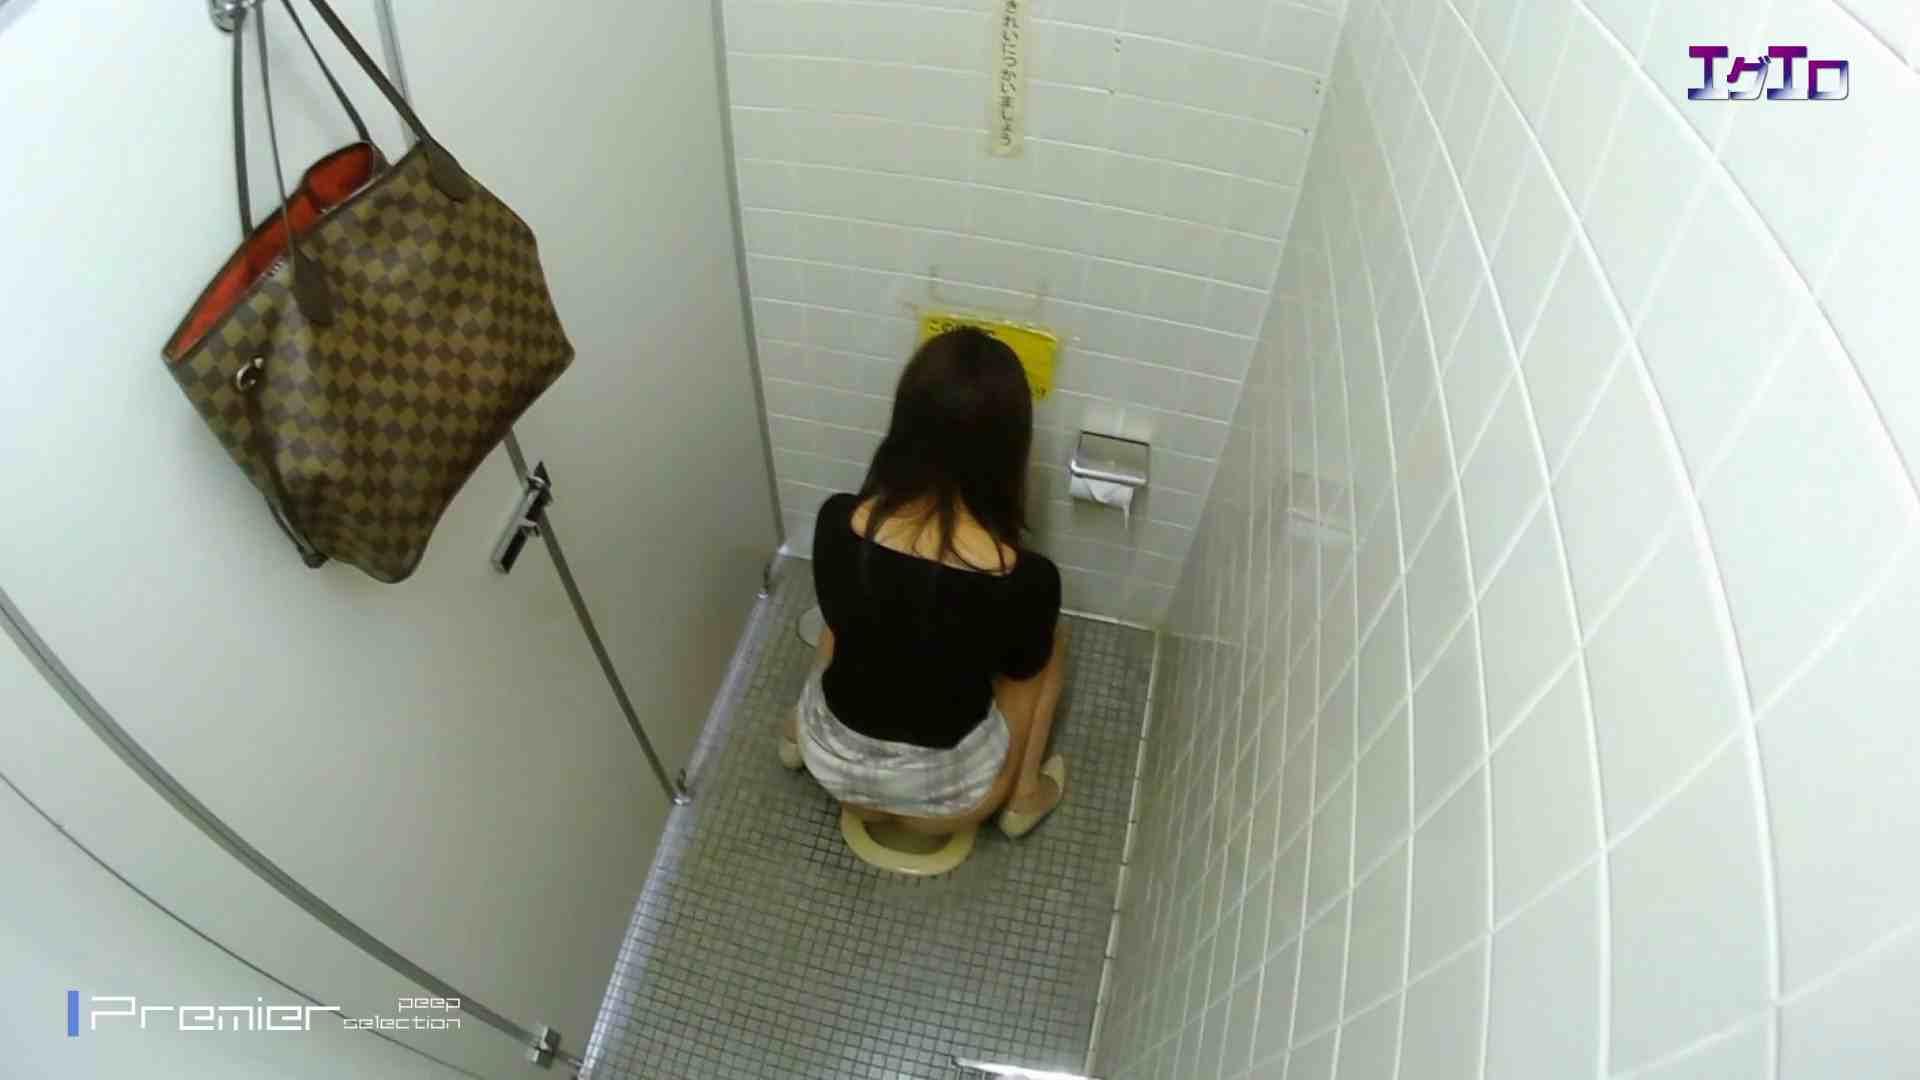 執念の撮影&追撮!!某女子校の通学路にあるトイレ 至近距離洗面所 Vol.16 トイレ  82pic 47